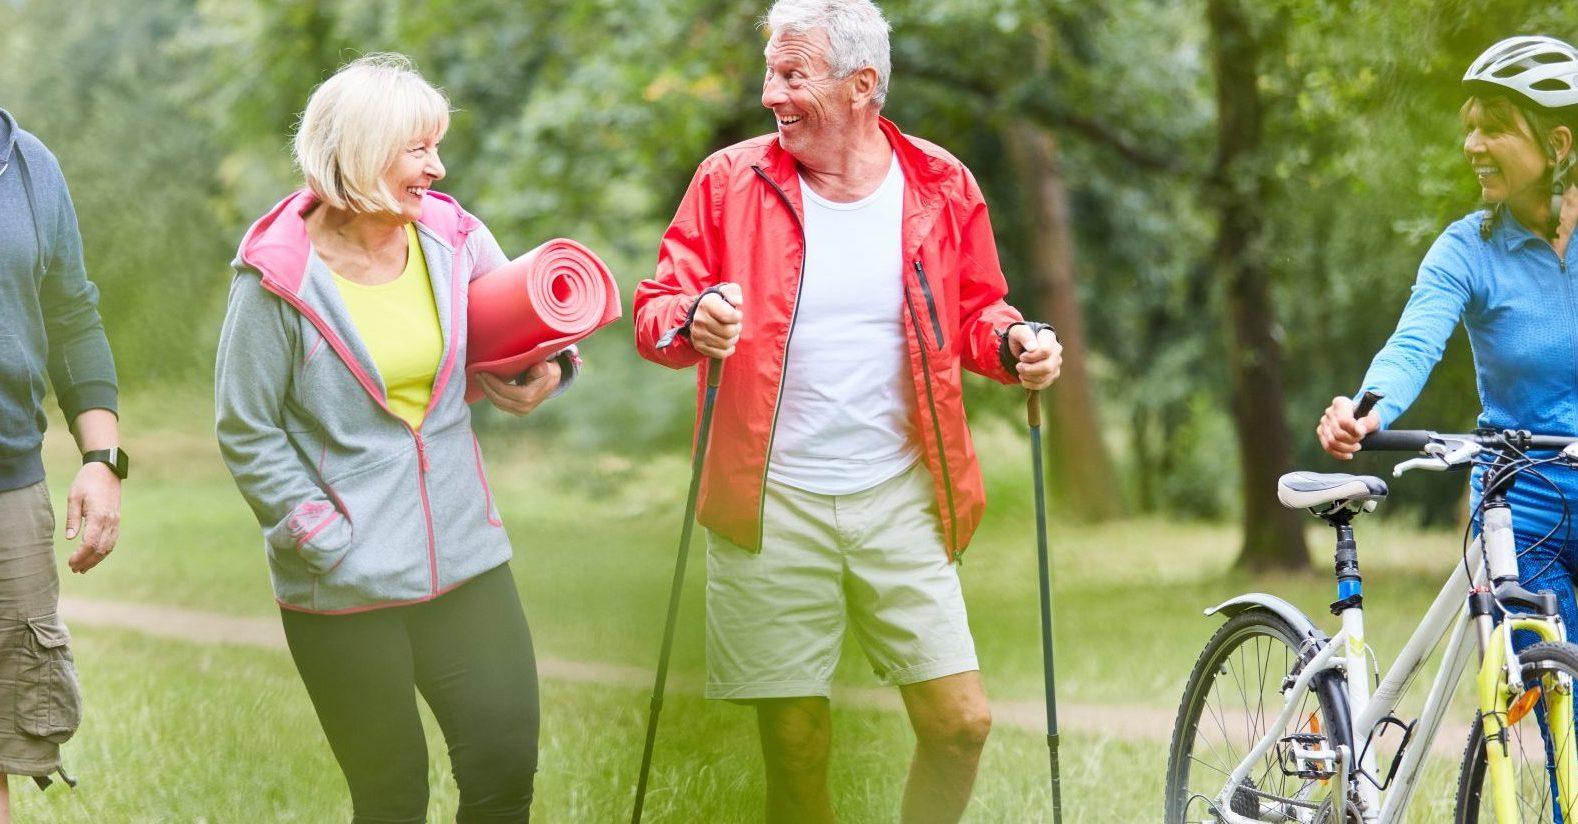 vacances seniors groupe rando cyclo